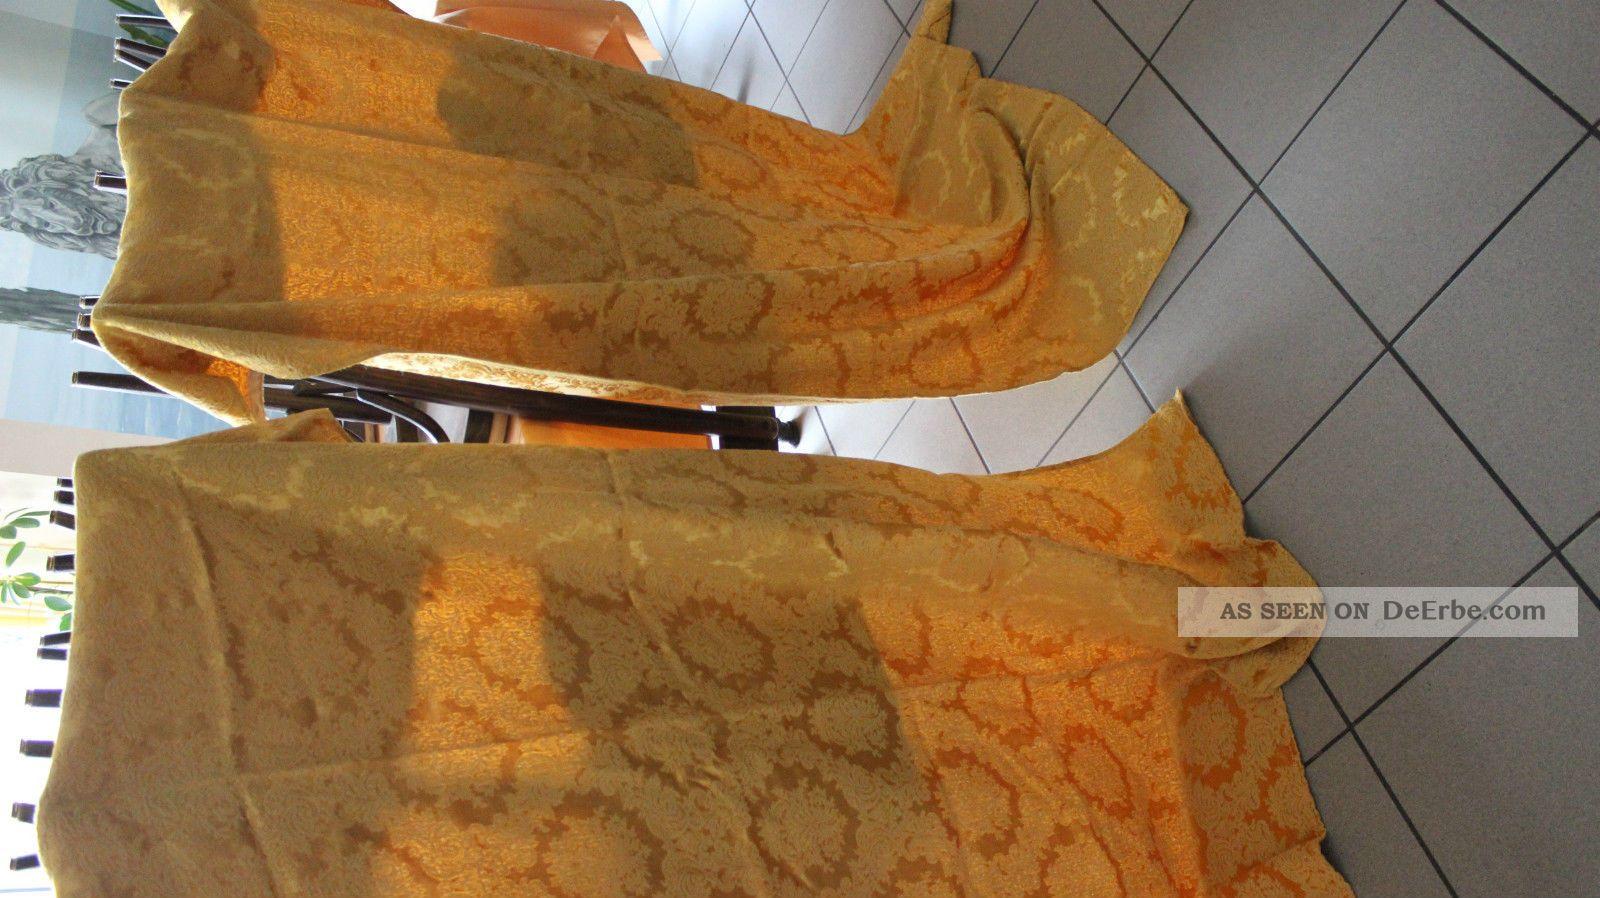 Raritat 2 Gleiche Groß Seide Brokkat Gold Gardine Tolle Muster Tischwäsche Bild